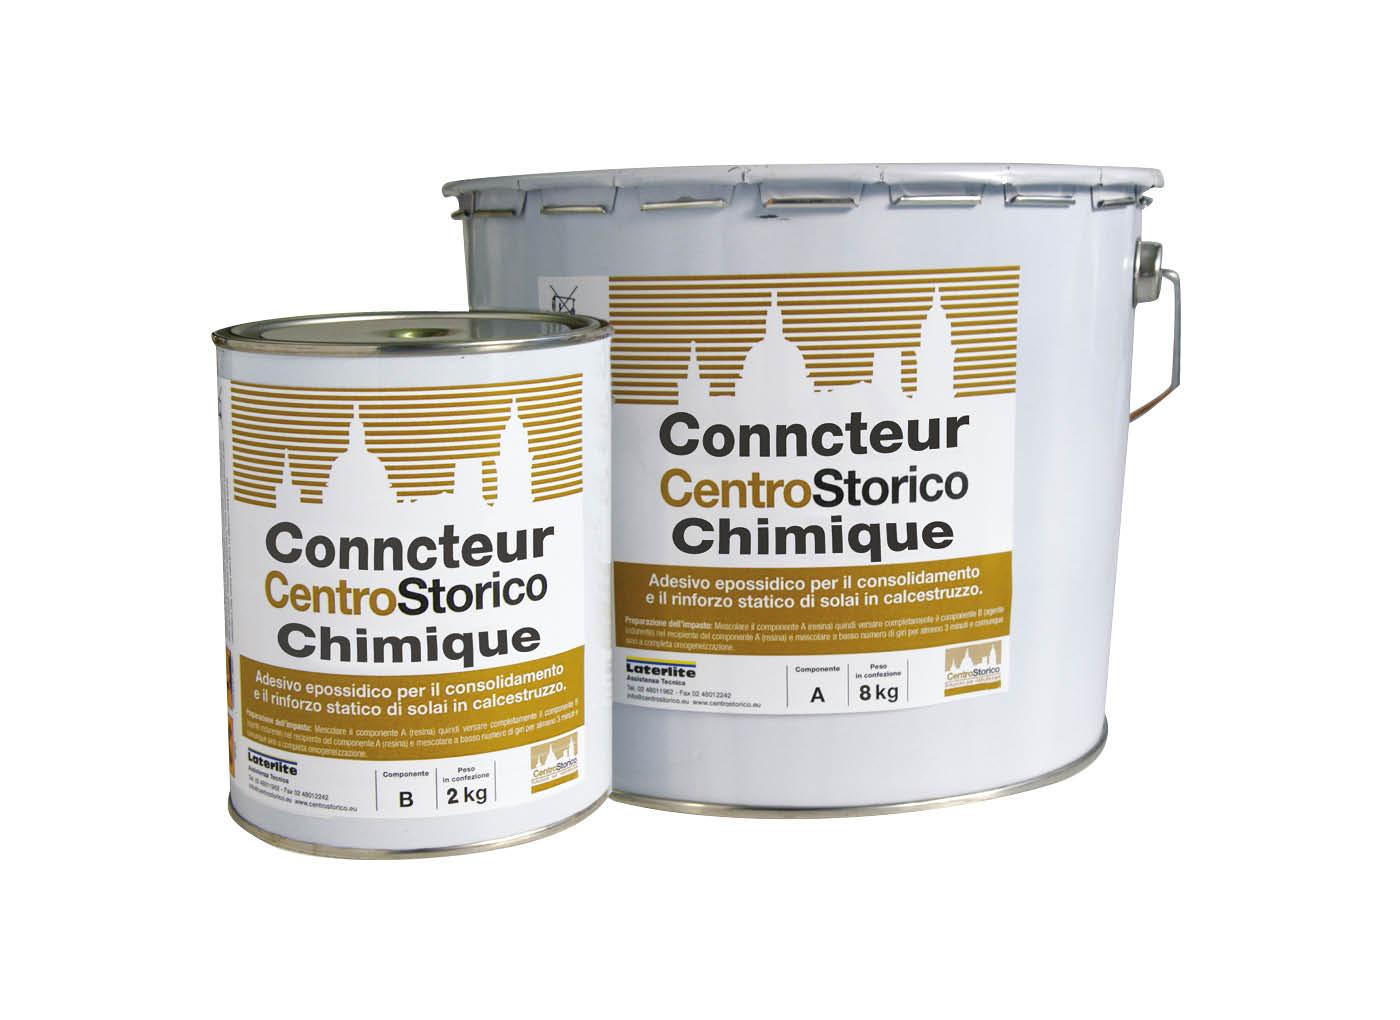 P33-connecteur-chimique-cs-FR